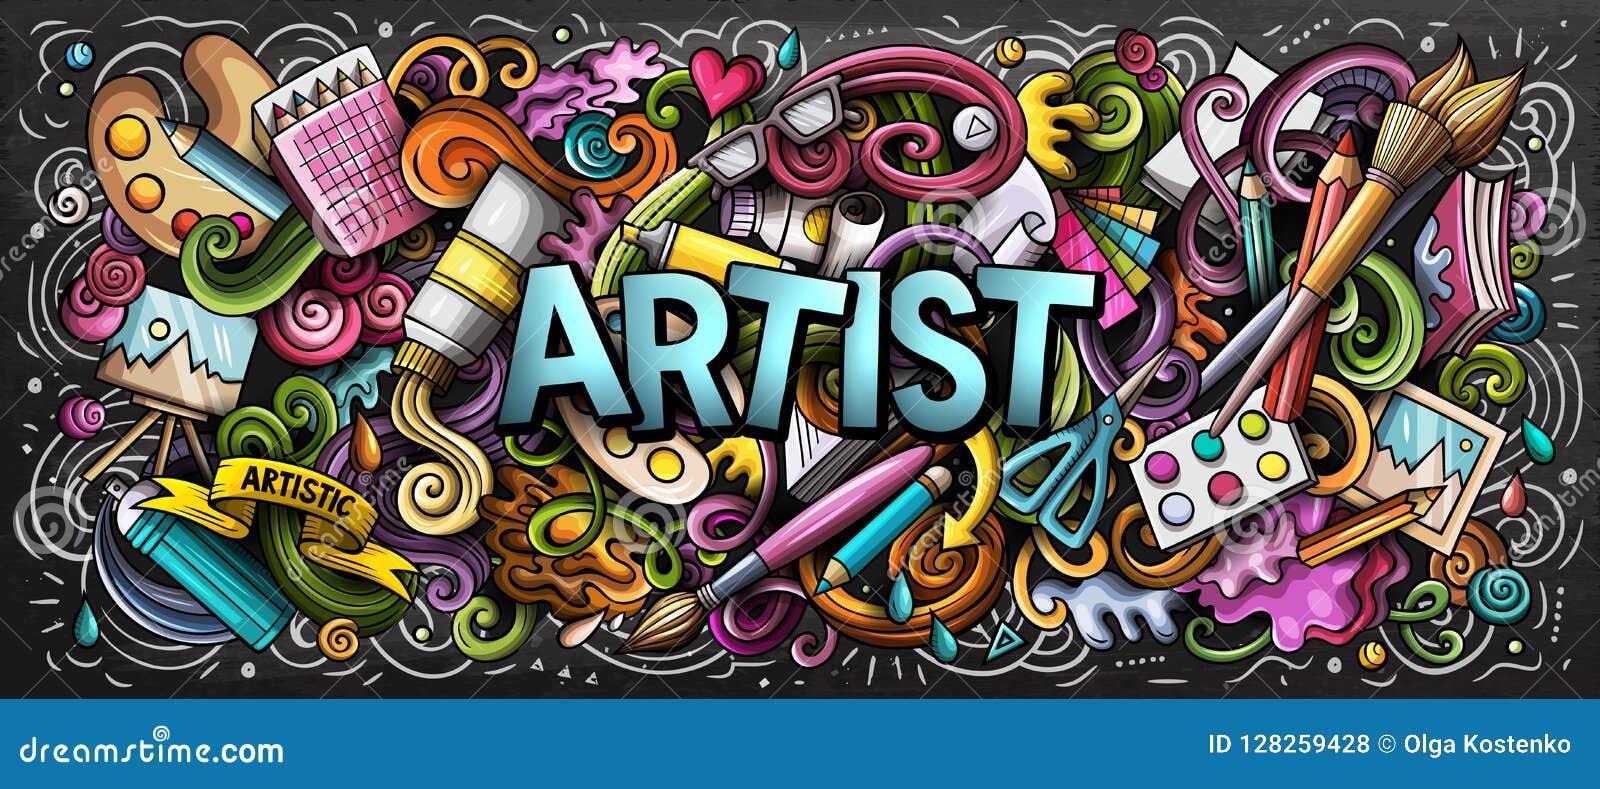 Illustrazione di colore del rifornimento dell artista Scarabocchi di arti visive Fondo di arte del disegno e della pittura